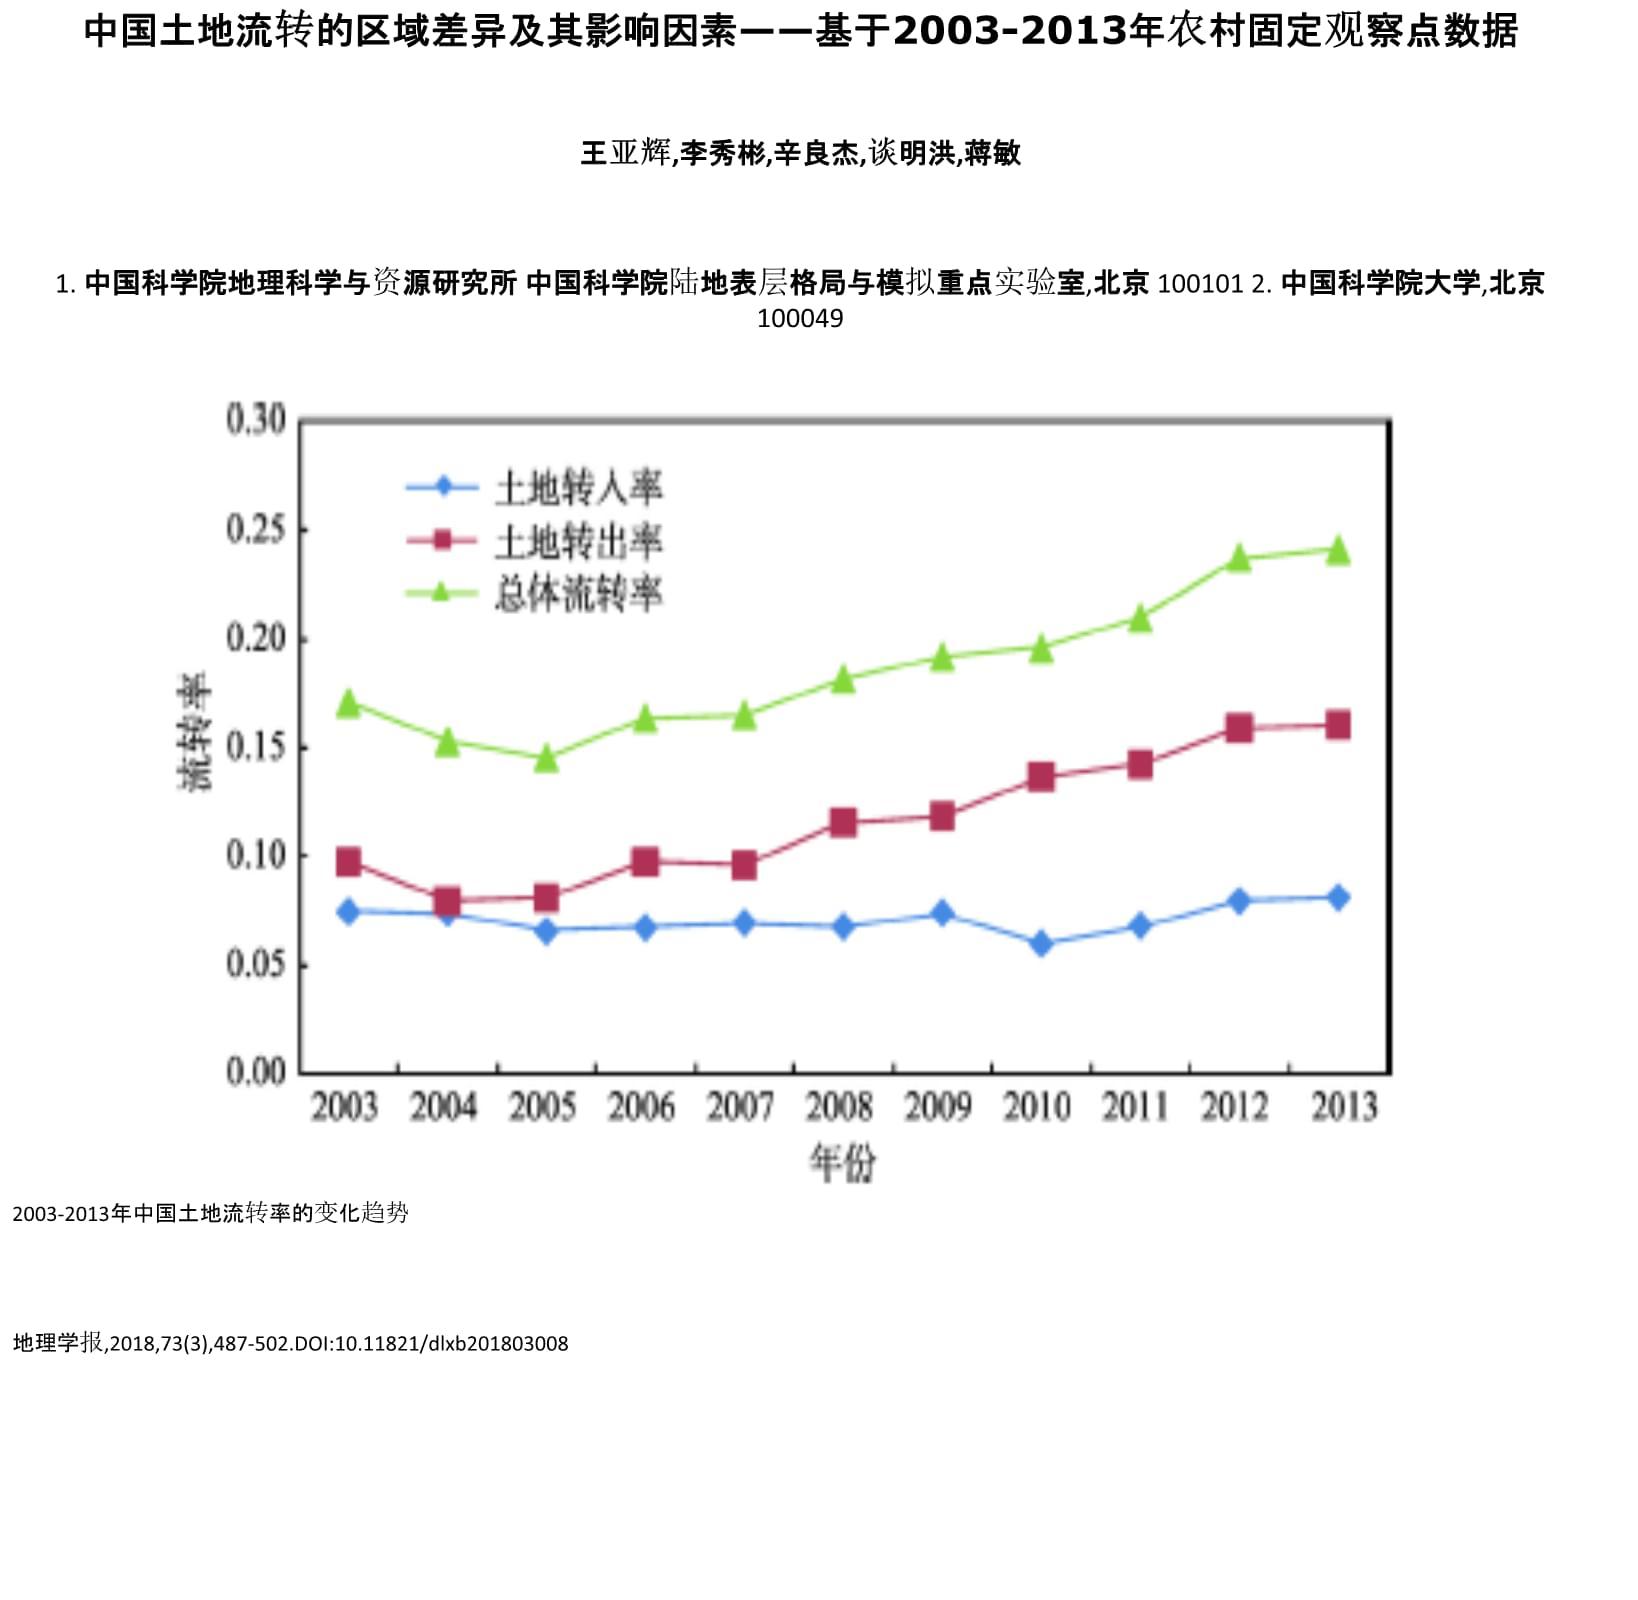 差異及其影響因素——基于2003-2013年農村固定觀察點數據.ppt